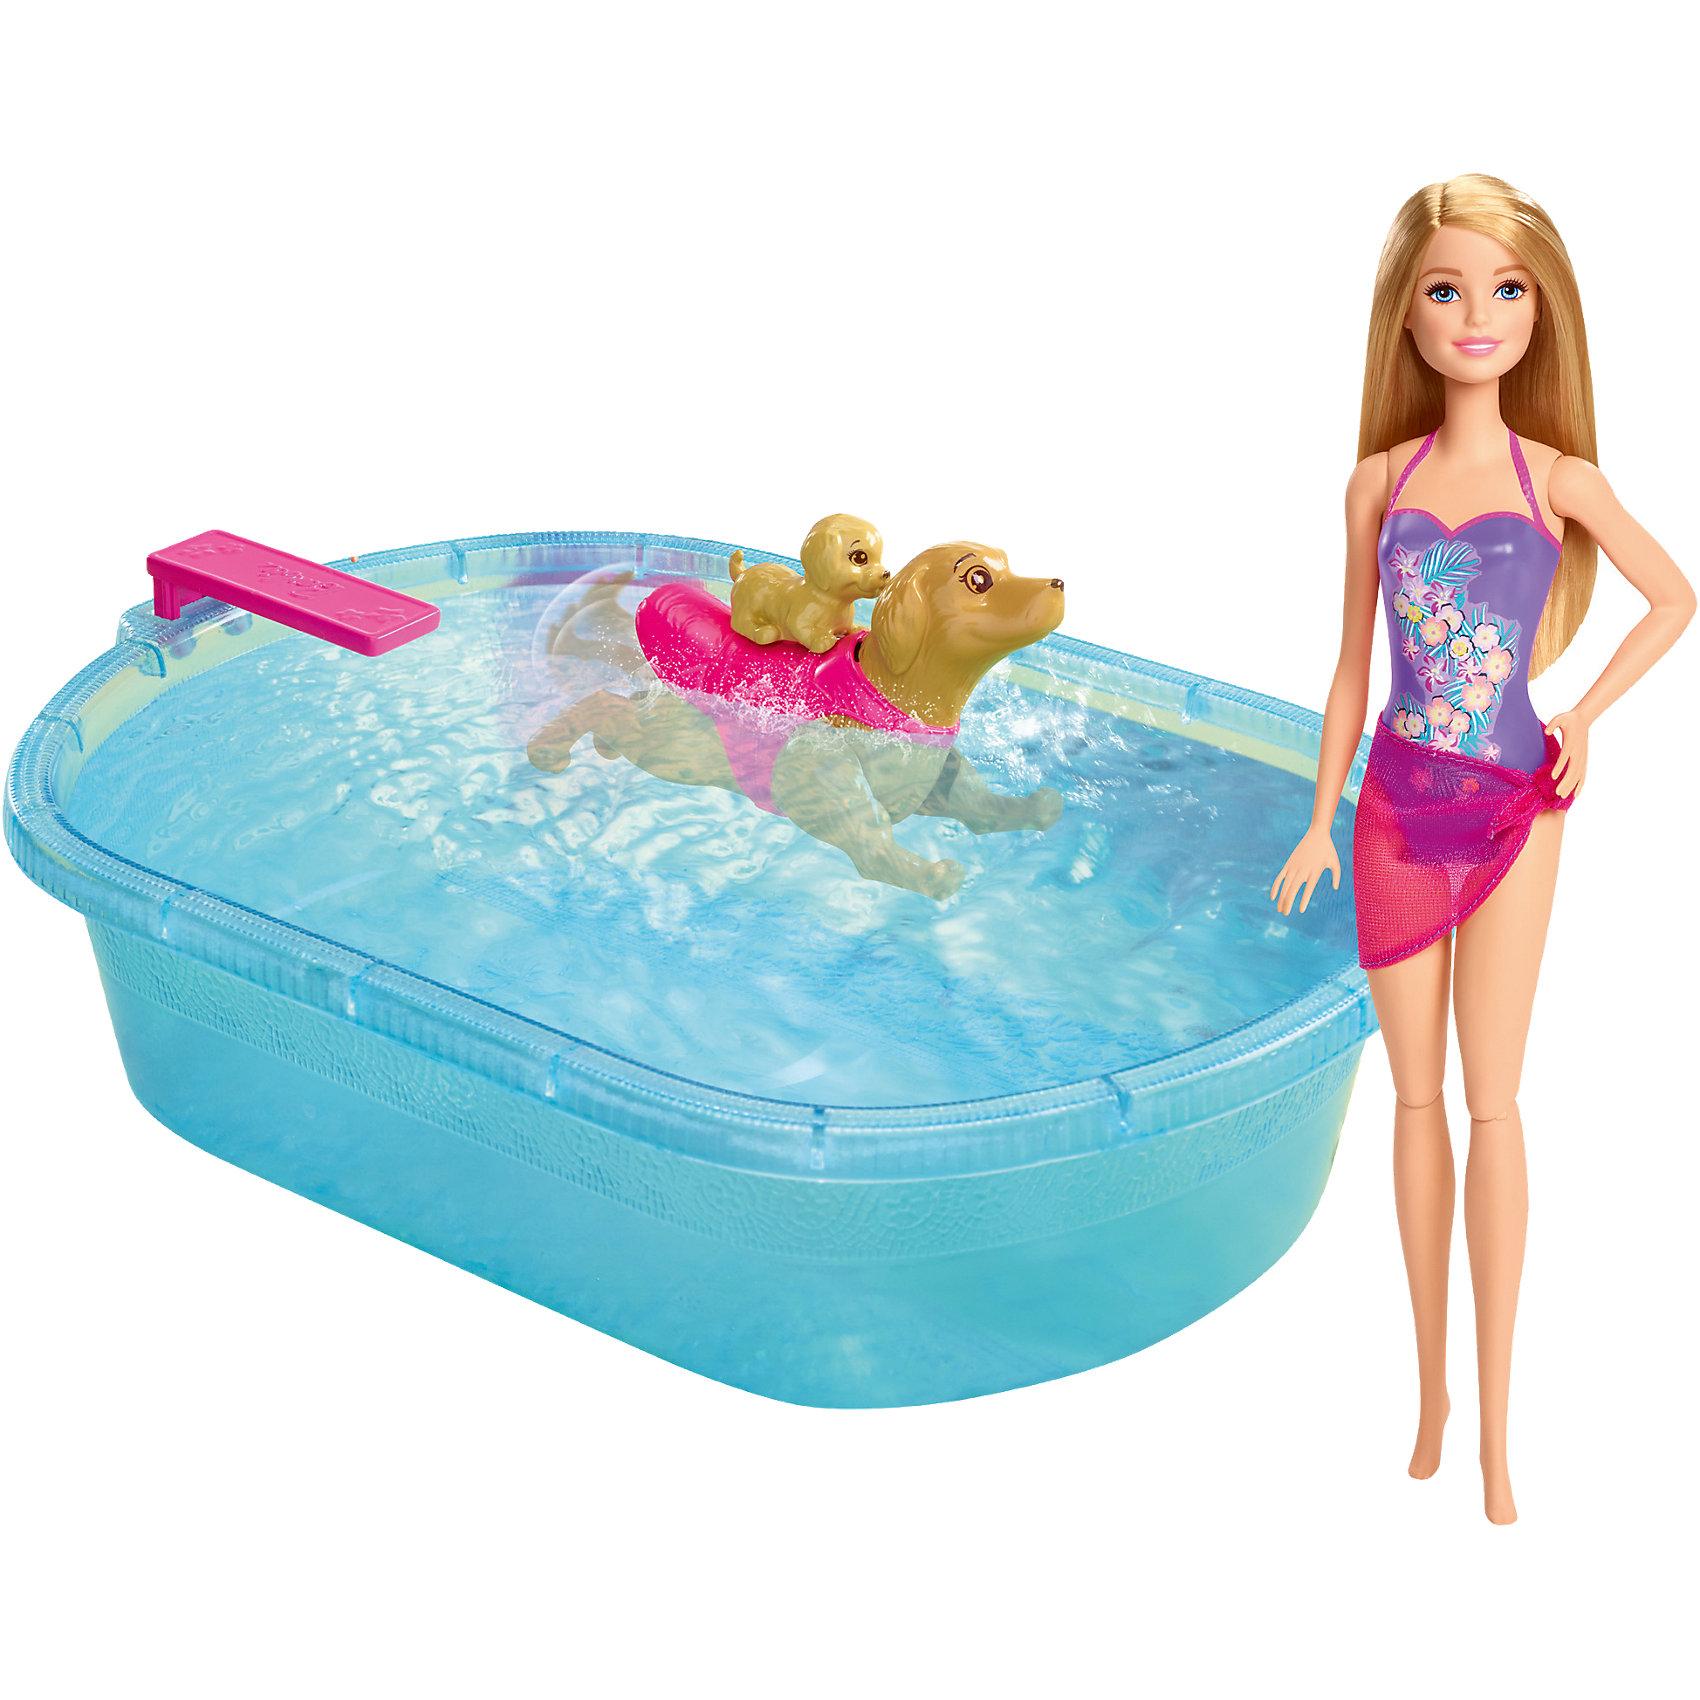 Набор для купания щенков, BarbieНабор для купания щенков, Barbie от Mattel (Маттел) ? набор, созданный по мотивам мультфильма Barbie и сестры: в поисках щенков. Игровой комплект состоит из Барби, собаки с щенком и ванночки для купания. Все детали выполнены из высококачественного пластика, устойчивого к повреждениям и изменению цвета. <br>Барби одета в яркий купальник, на спине у собаки накидка, на которую можно посадить щенка. В ванночку можно набирать в воду, а если нажать на кнопку, которая расположена на шее у собаки, тогда она начнет плавать по поверхности воды. Данный игровой набор принесет много радости не только во время игр, но и во время купания.<br>Набор для купания щенков, Barbie от Mattel (Маттел) может быть отличным вариантом в качестве подарка для девочки к любому торжеству.<br><br>Дополнительная информация:<br><br>- Вид игр: сюжетно-ролевые <br>- Предназначение: для дома<br>- Серия: по мотивам мультфильма Вarbie и сестры: в поисках щенков <br>- Материал: пластик, резина, текстиль<br>- Размеры (Д*Ш*В): 32,5*35,5*8,5 см<br>- Вес: 665 г<br><br>Подробнее:<br><br>• Для детей в возрасте: от 3 лет и до 6 лет<br>• Страна производитель: Китай<br>• Торговый бренд: Barbie<br><br>Набор для купания щенков, Barbie от Mattel (Маттел) можно купить в нашем интернет-магазине.<br><br>Ширина мм: 328<br>Глубина мм: 368<br>Высота мм: 88<br>Вес г: 663<br>Возраст от месяцев: 36<br>Возраст до месяцев: 72<br>Пол: Женский<br>Возраст: Детский<br>SKU: 4765324